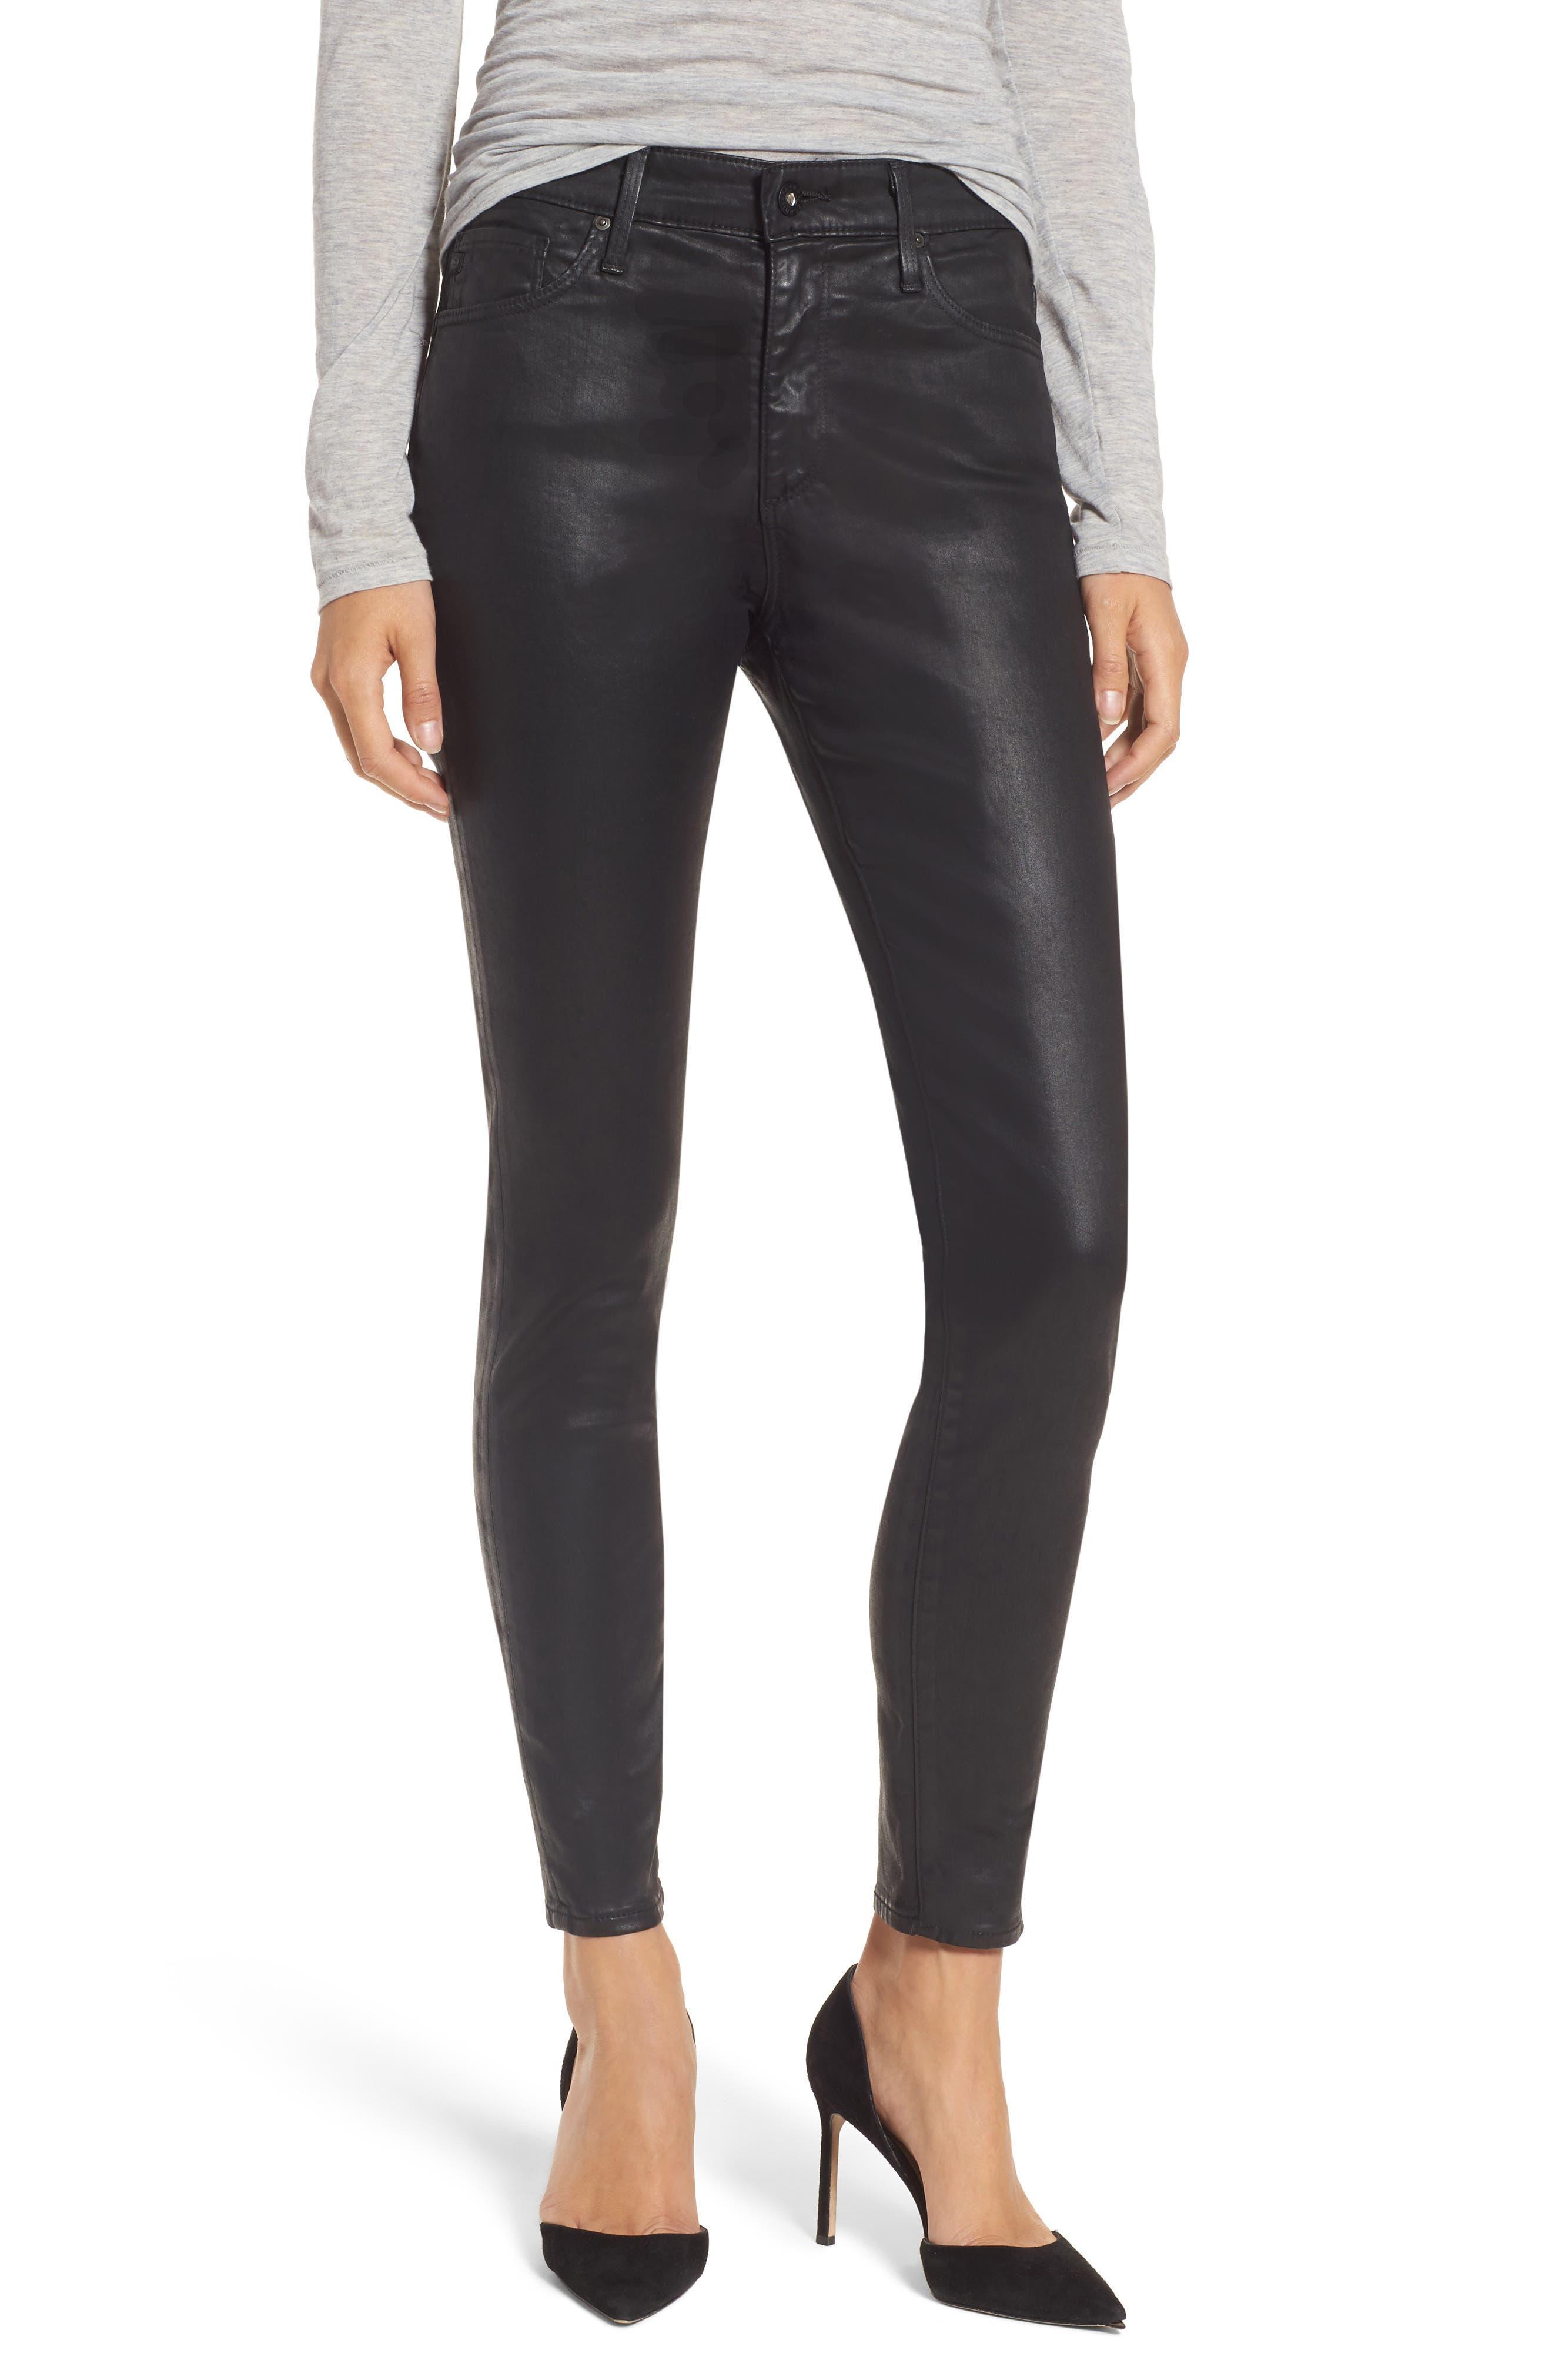 Alternate Image 1 Selected - AG Farrah High Waist Ankle Skinny Jeans